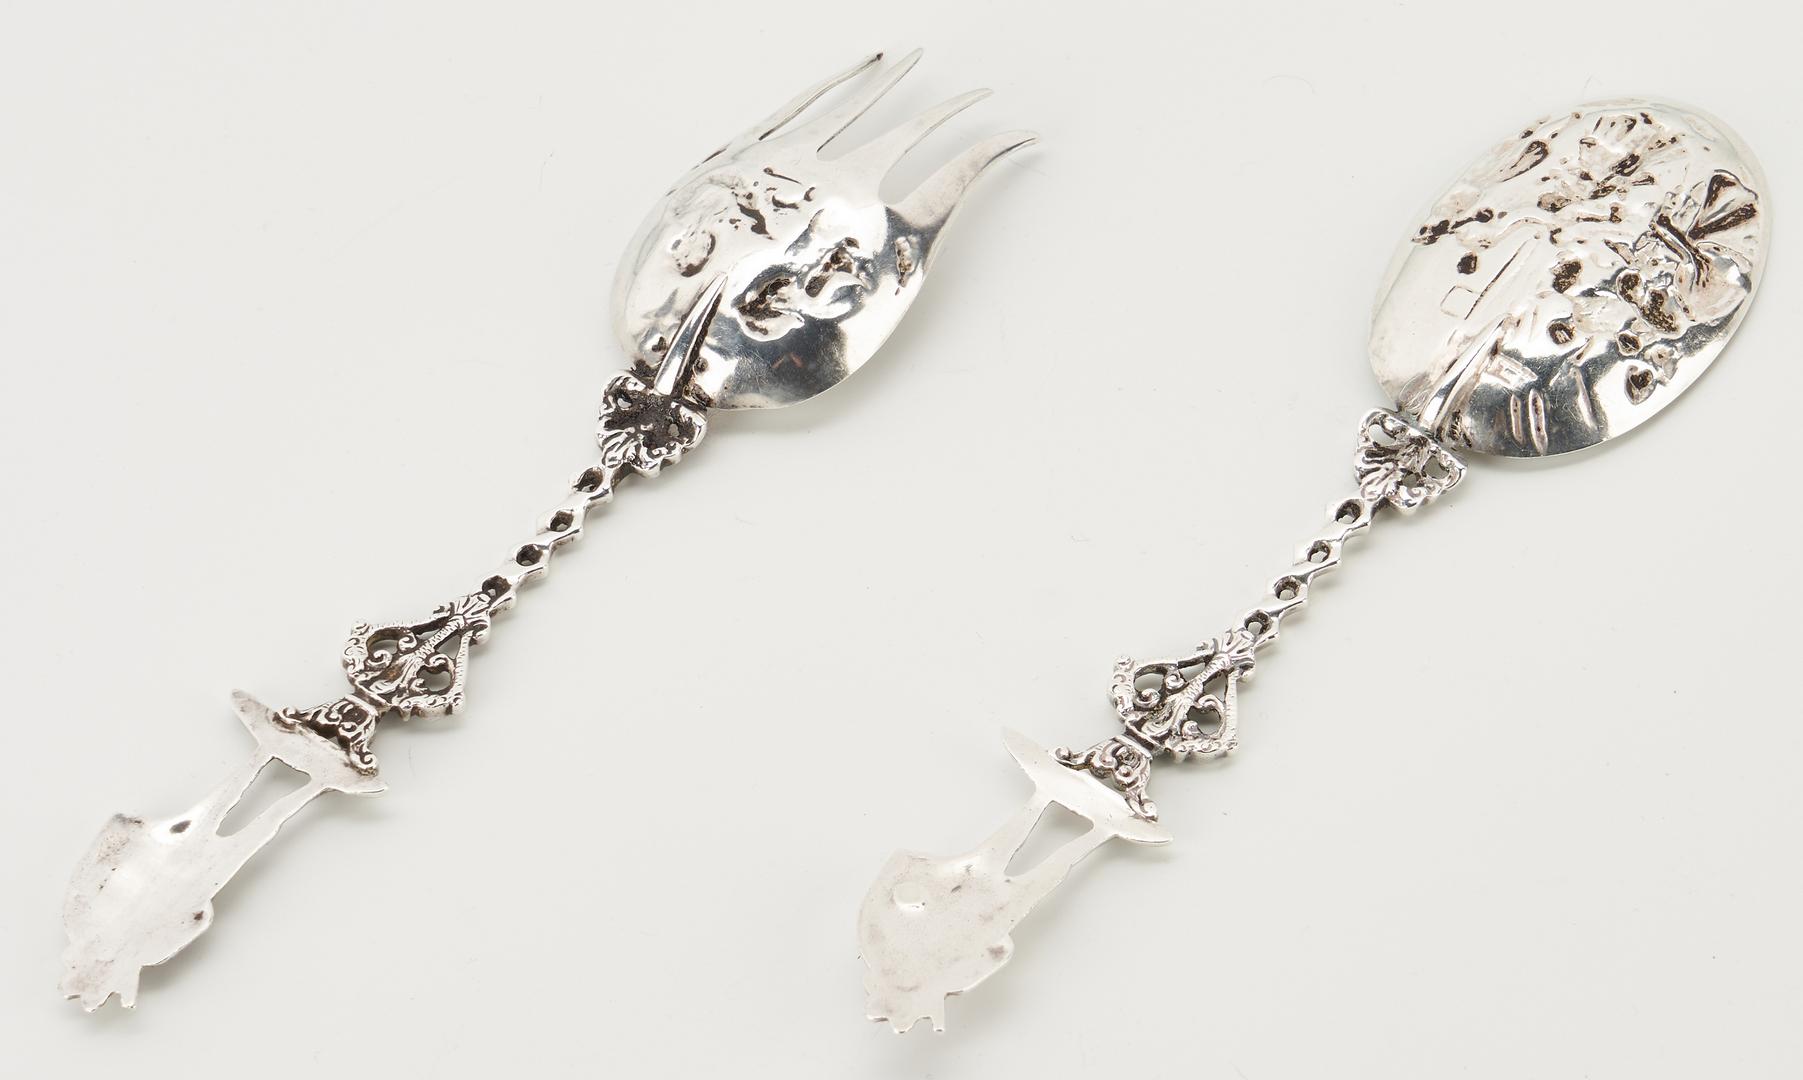 Lot 282: 11 Pcs. Continental Silver incl. Dutch Figural Spoons